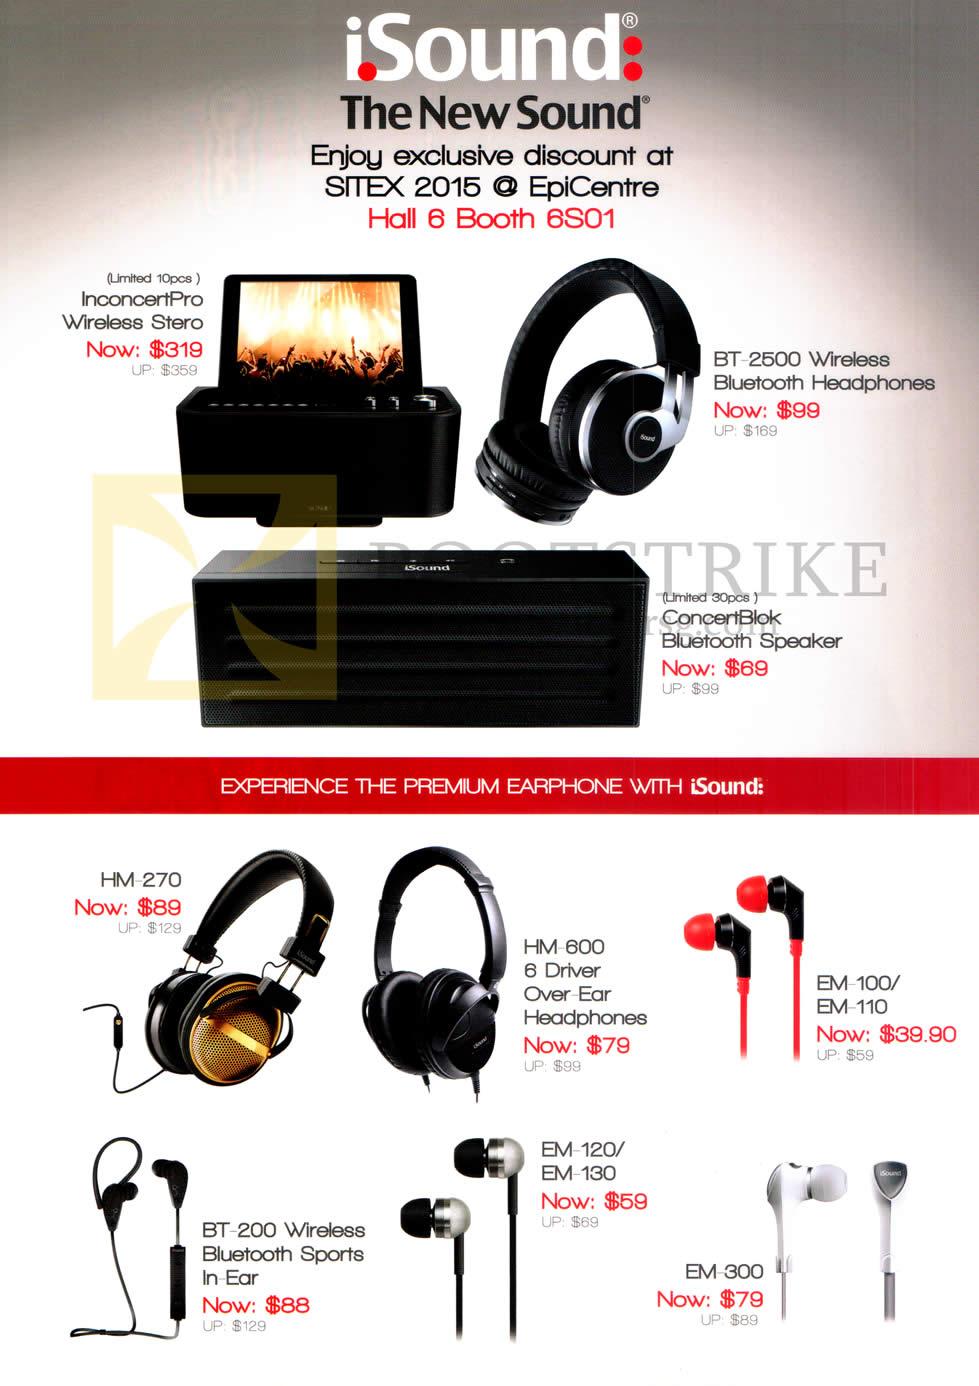 SITEX 2015 price list image brochure of EpiCentre ISound InconcertPro Wireless Stereo, BT2500, ConcertBlok, HM-270, HM-600, EM-100, EM-110, BT-200, EM-120, EM-130, EM-300